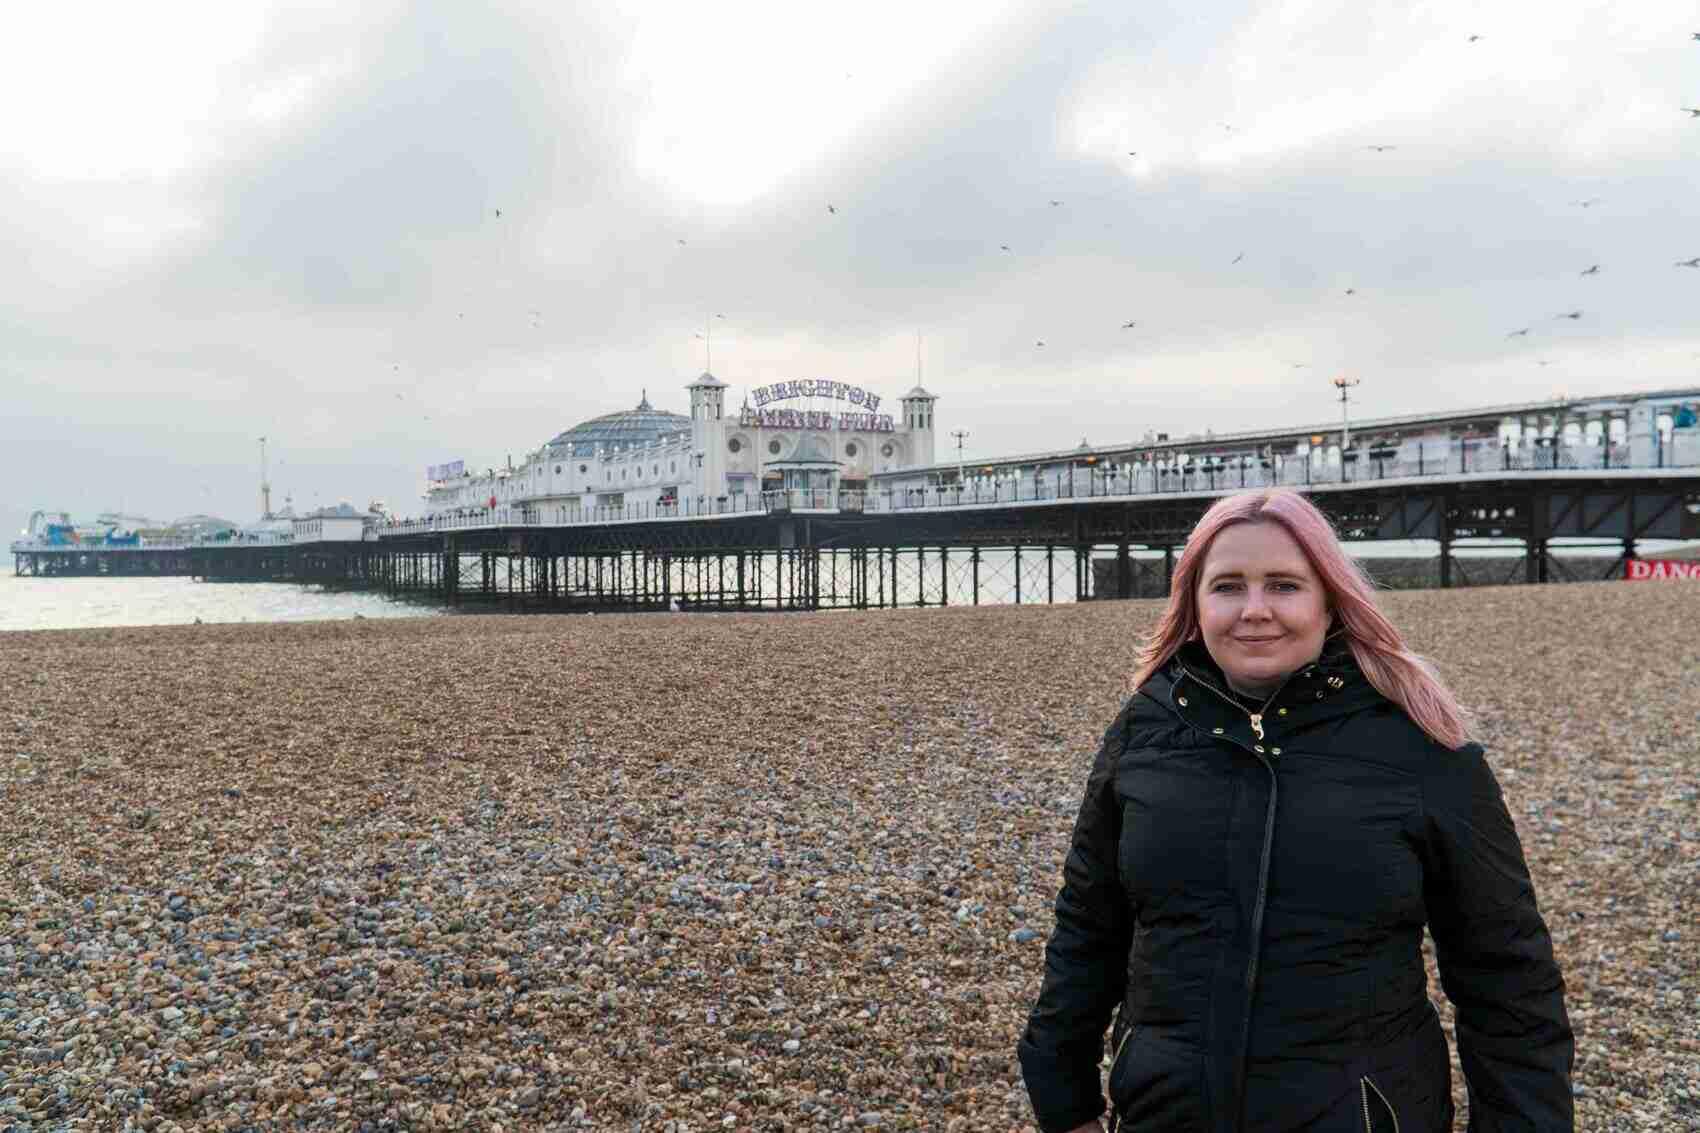 Kat at Brighton Pier